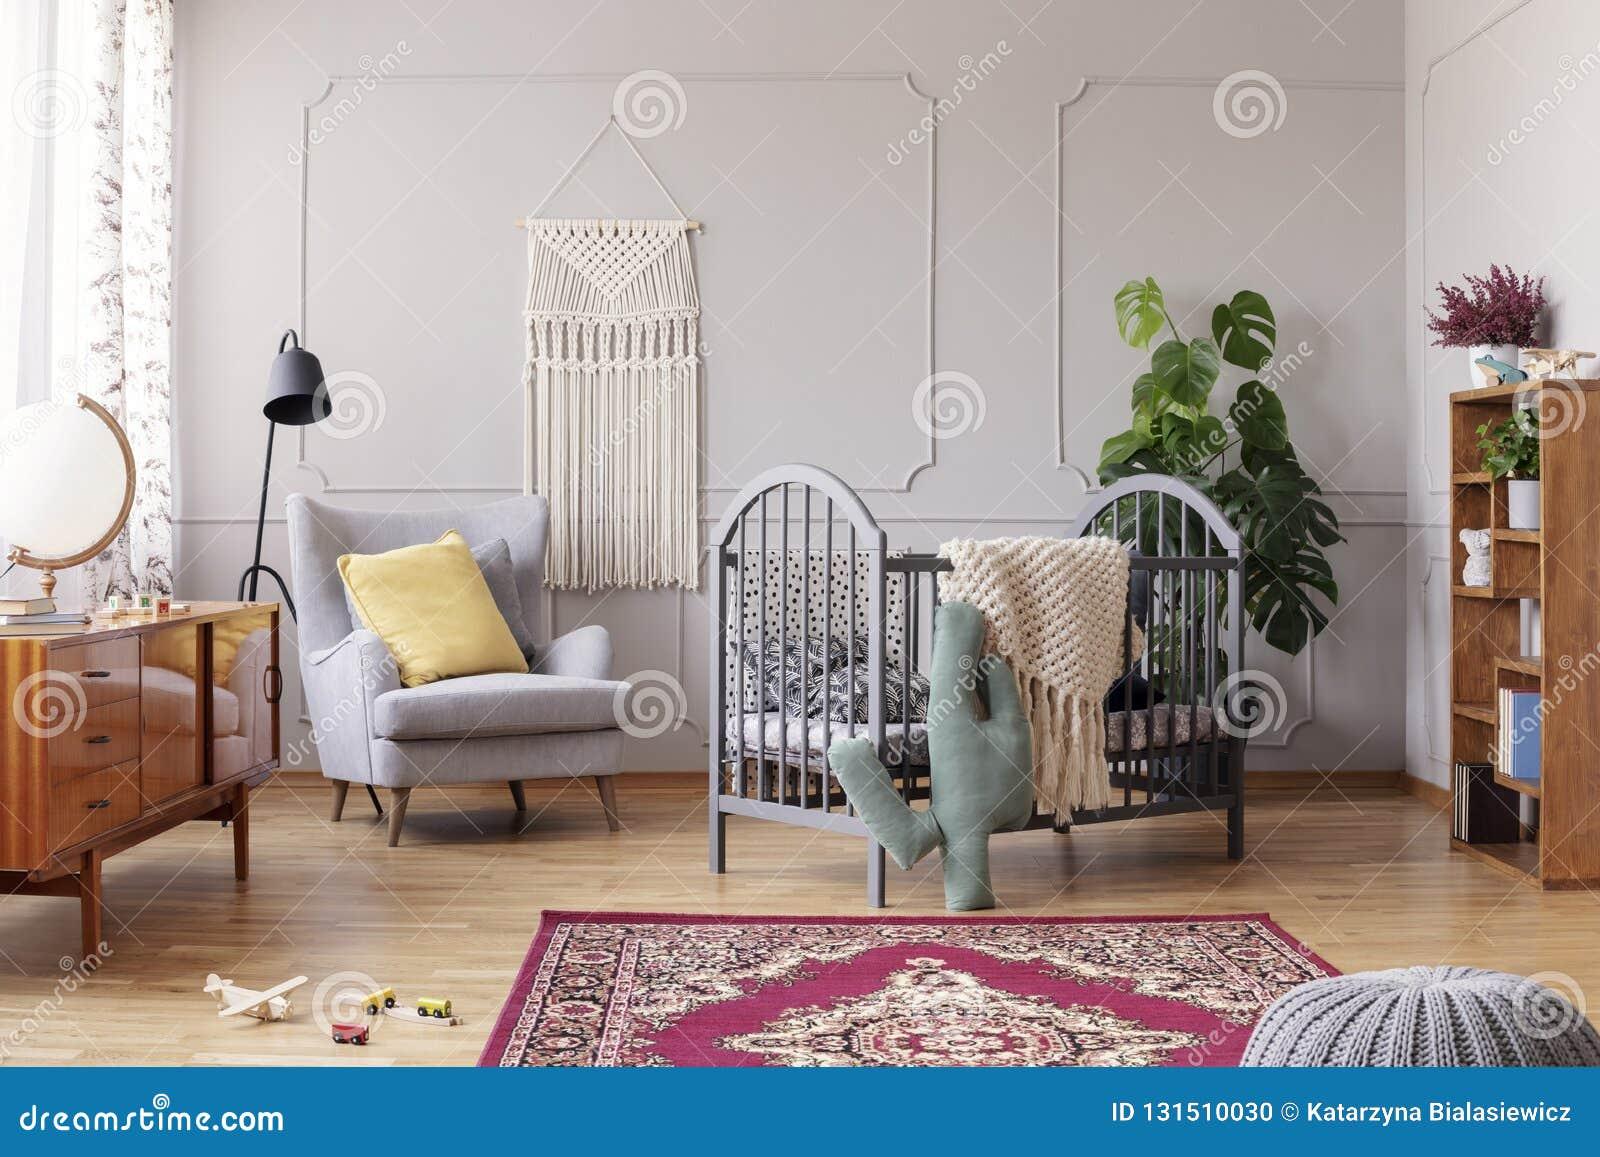 Comfortabele leunstoel en grijze houten voederbak, echte foto